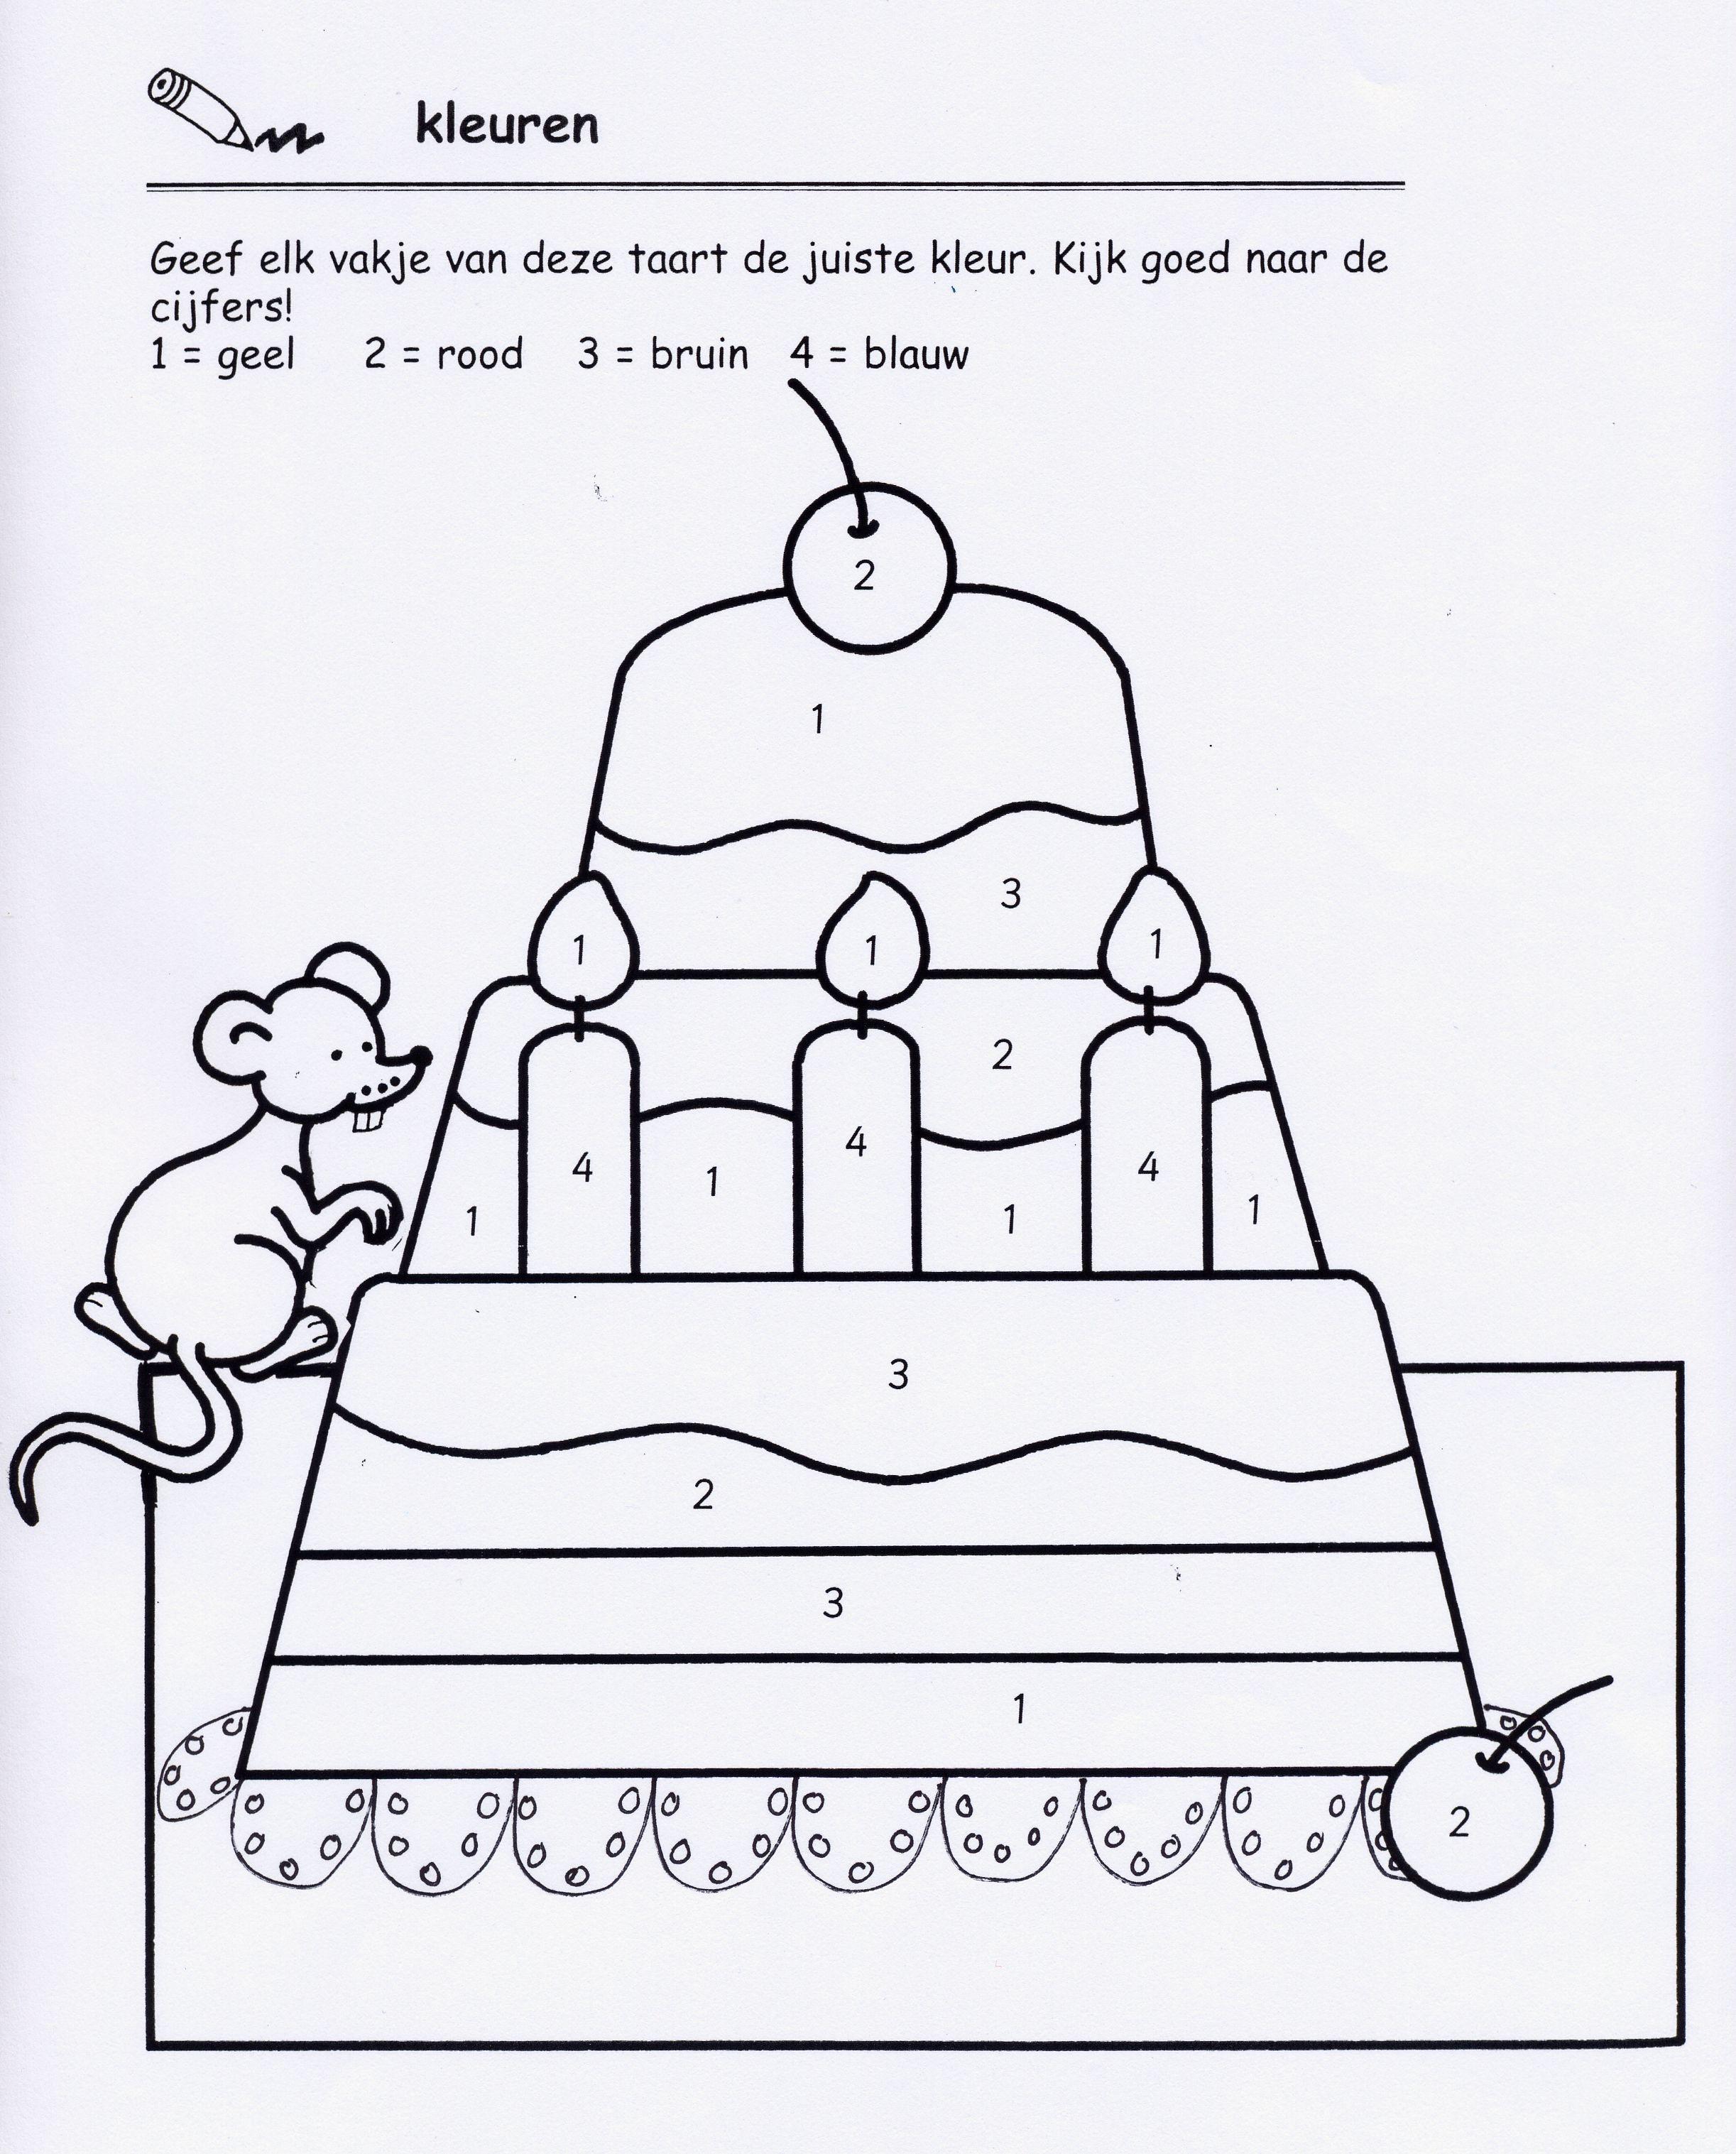 kleuren volgens code school feestboekje verjaardag